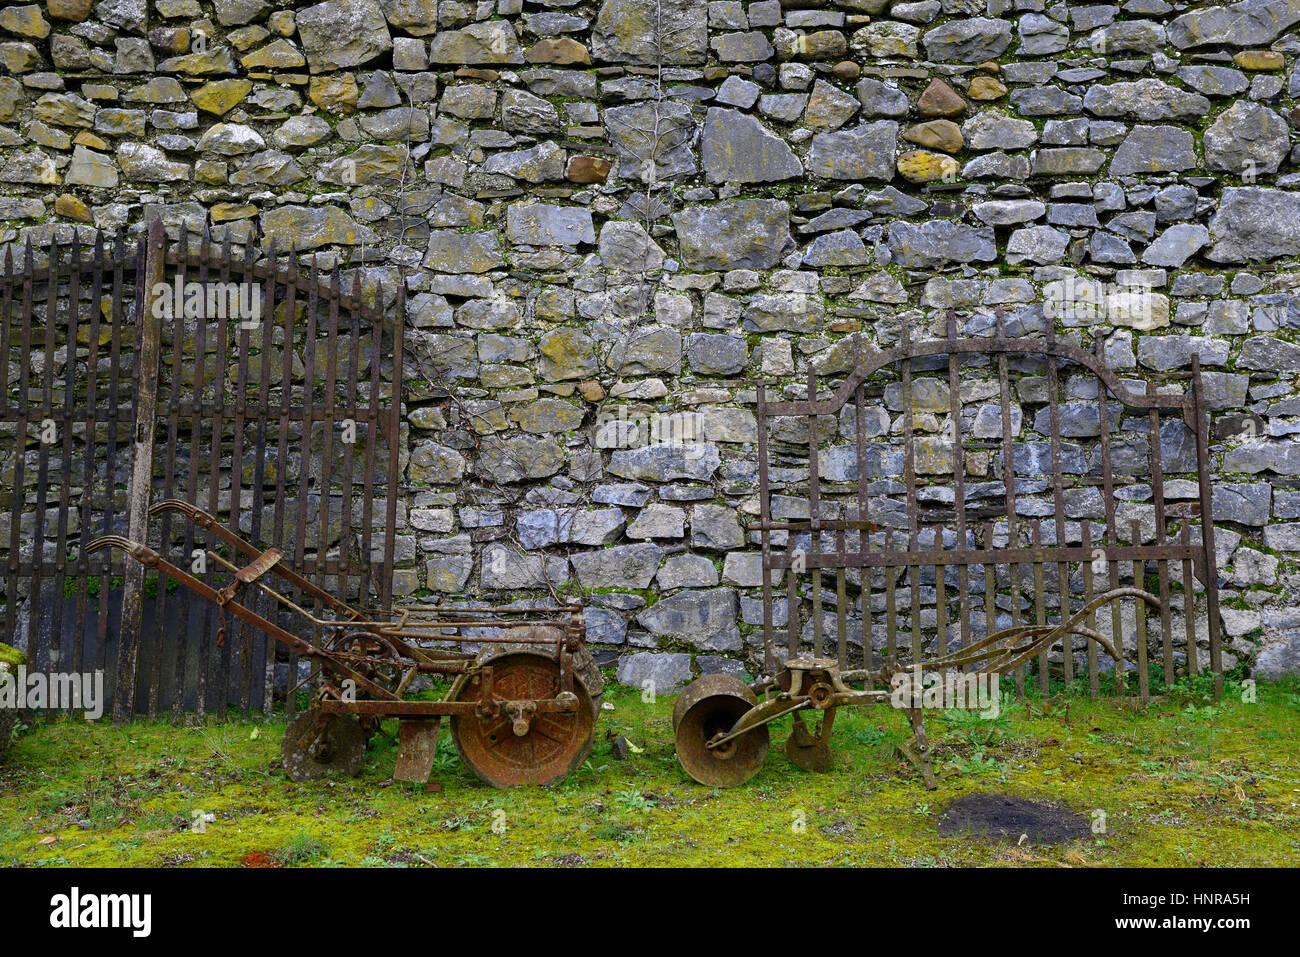 Fonction Meubles récupération agricole, vieux, charrue, charrues, porte, portes, junk